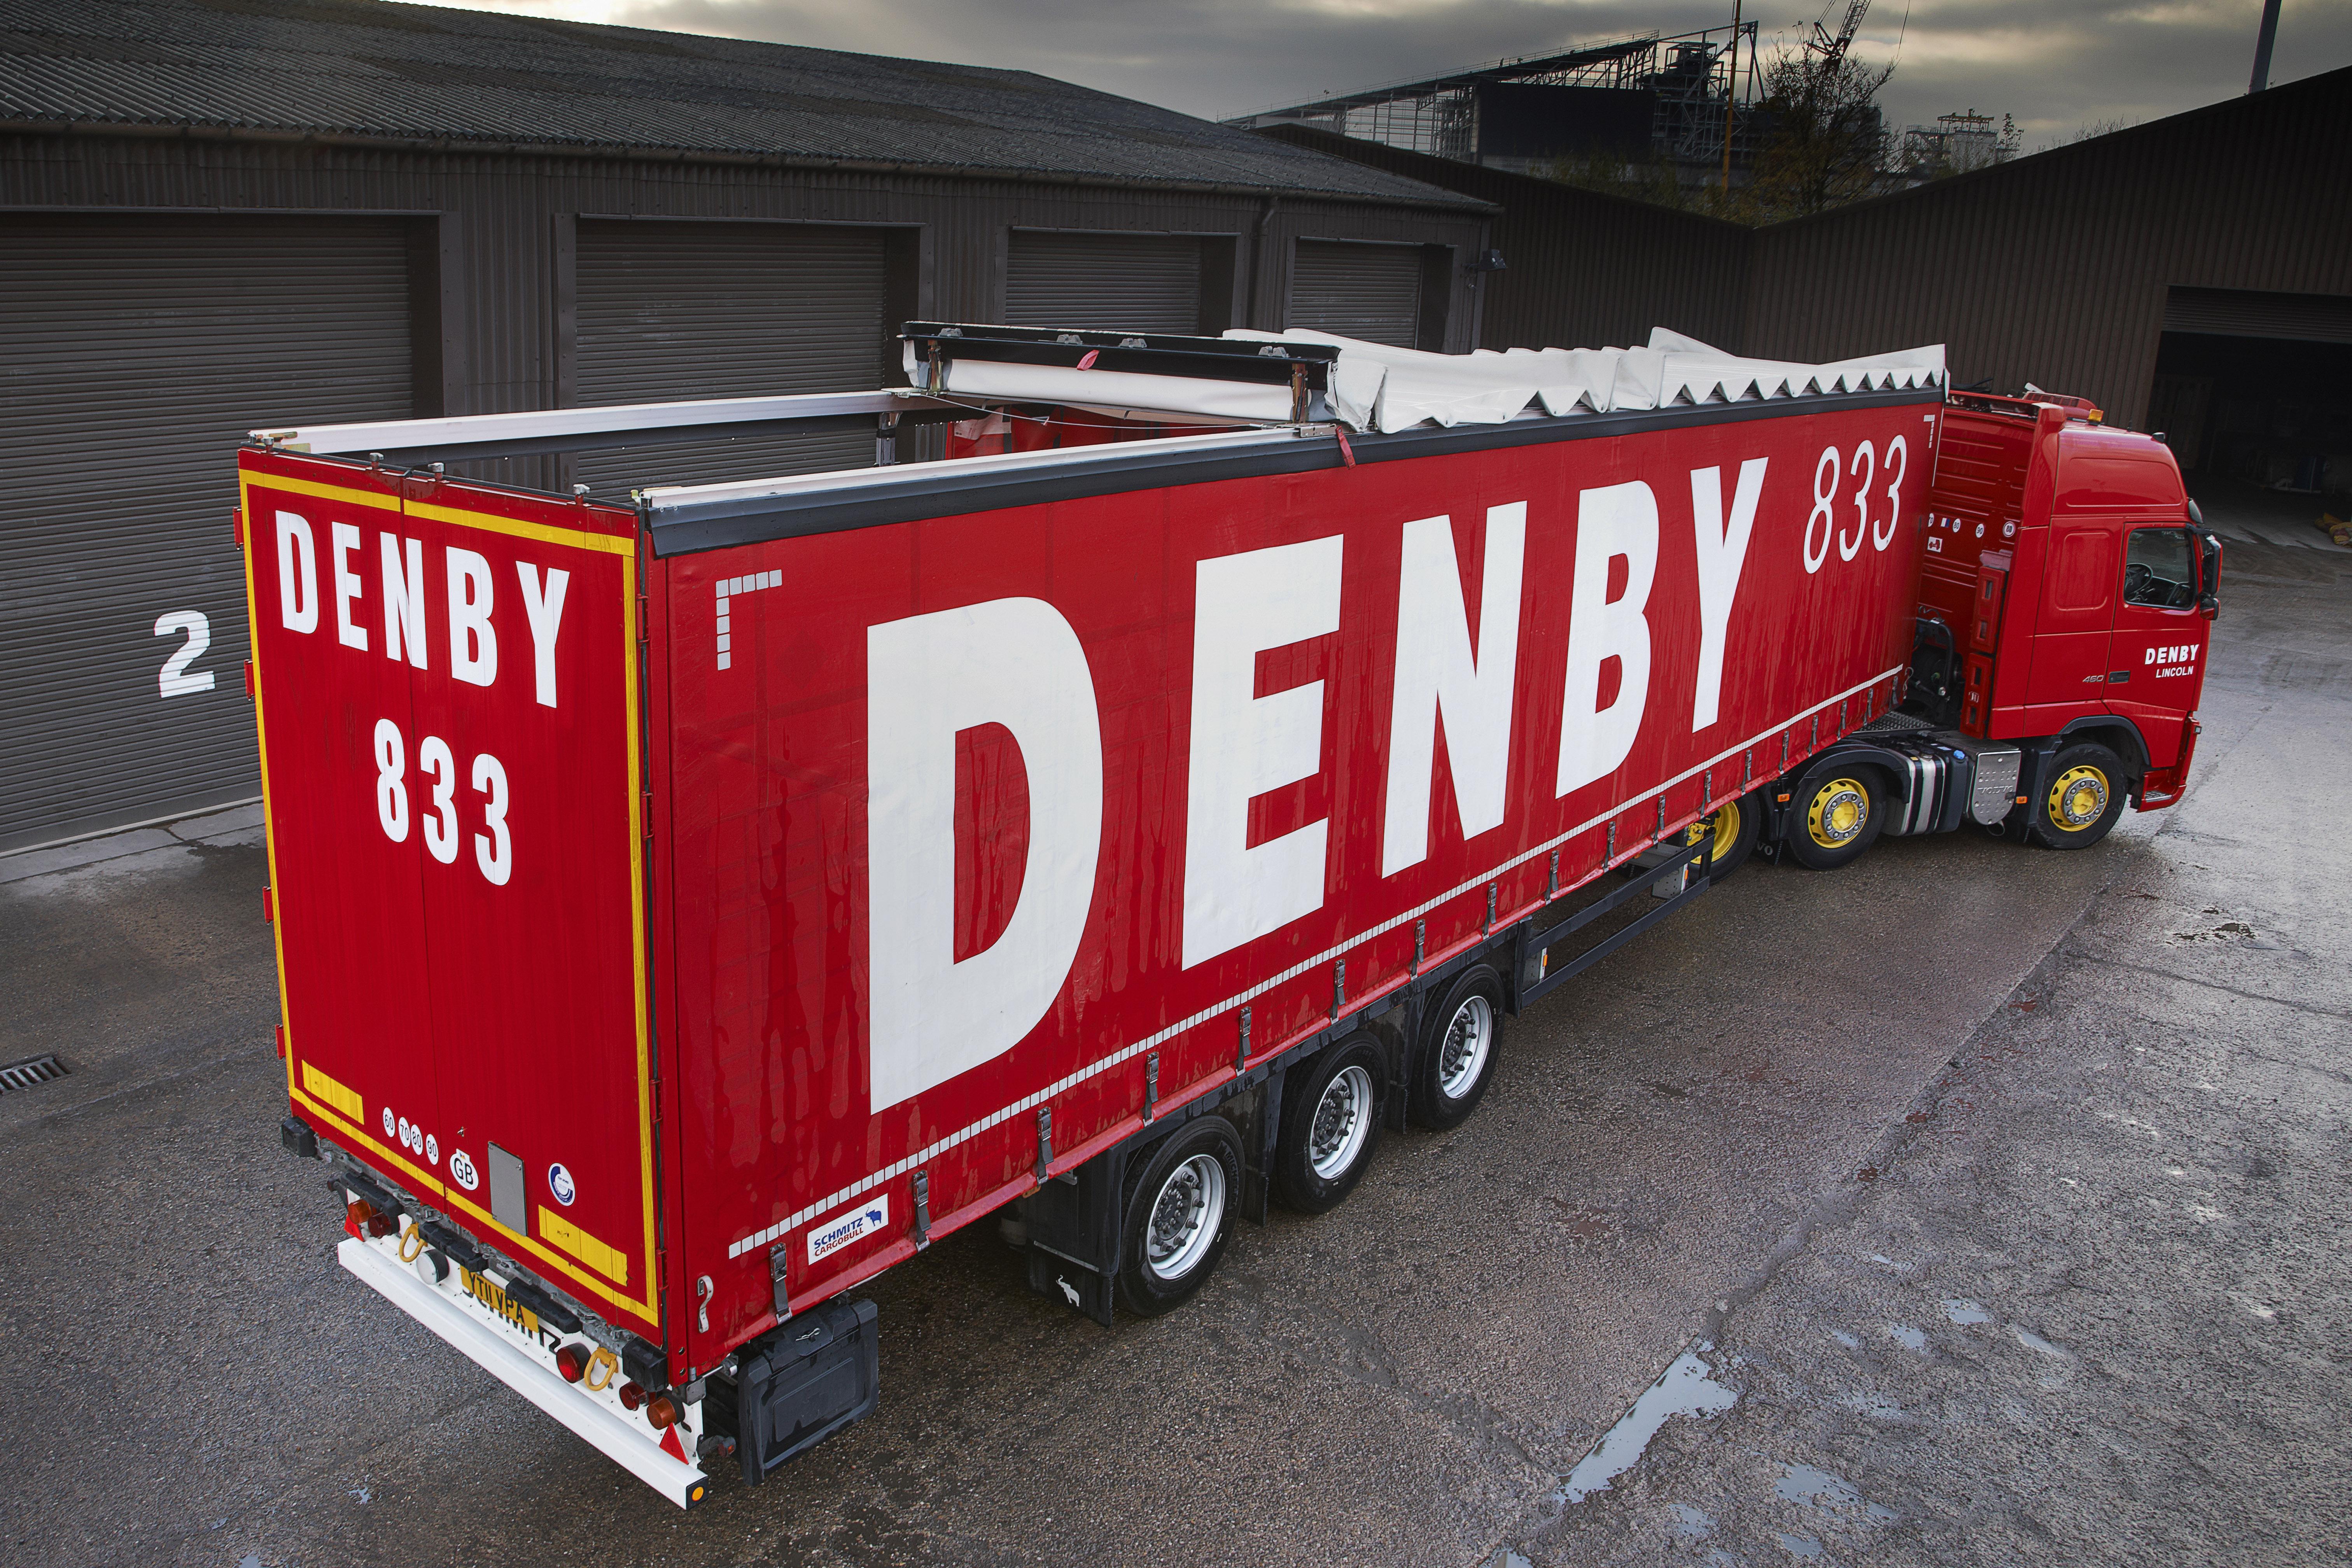 044 Denby Transport 041 Schmitz Cargobull